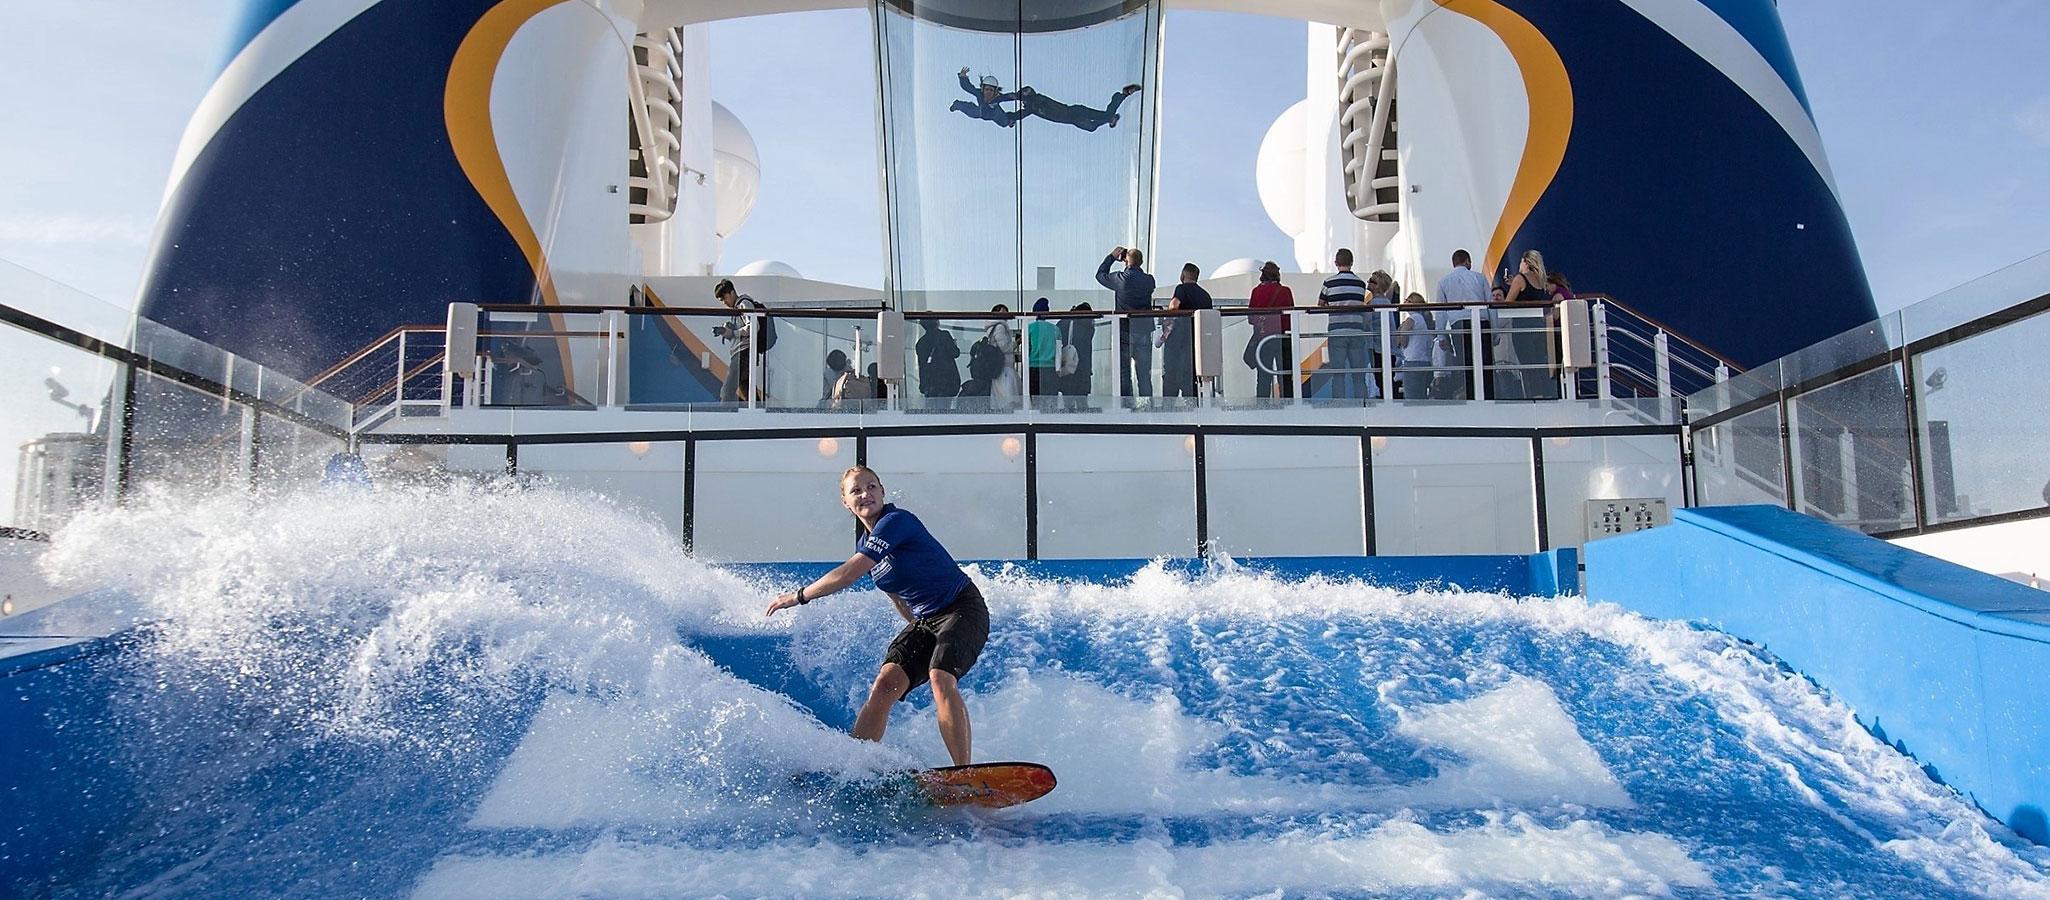 Die Sportmöglichkeiten dürften Ihre Teilnehmer begeistern: Angeboten werden Wellenreiten, Kletterwand, Eisstadion, Fußball-, Tennis- und Baskettball-Felder...